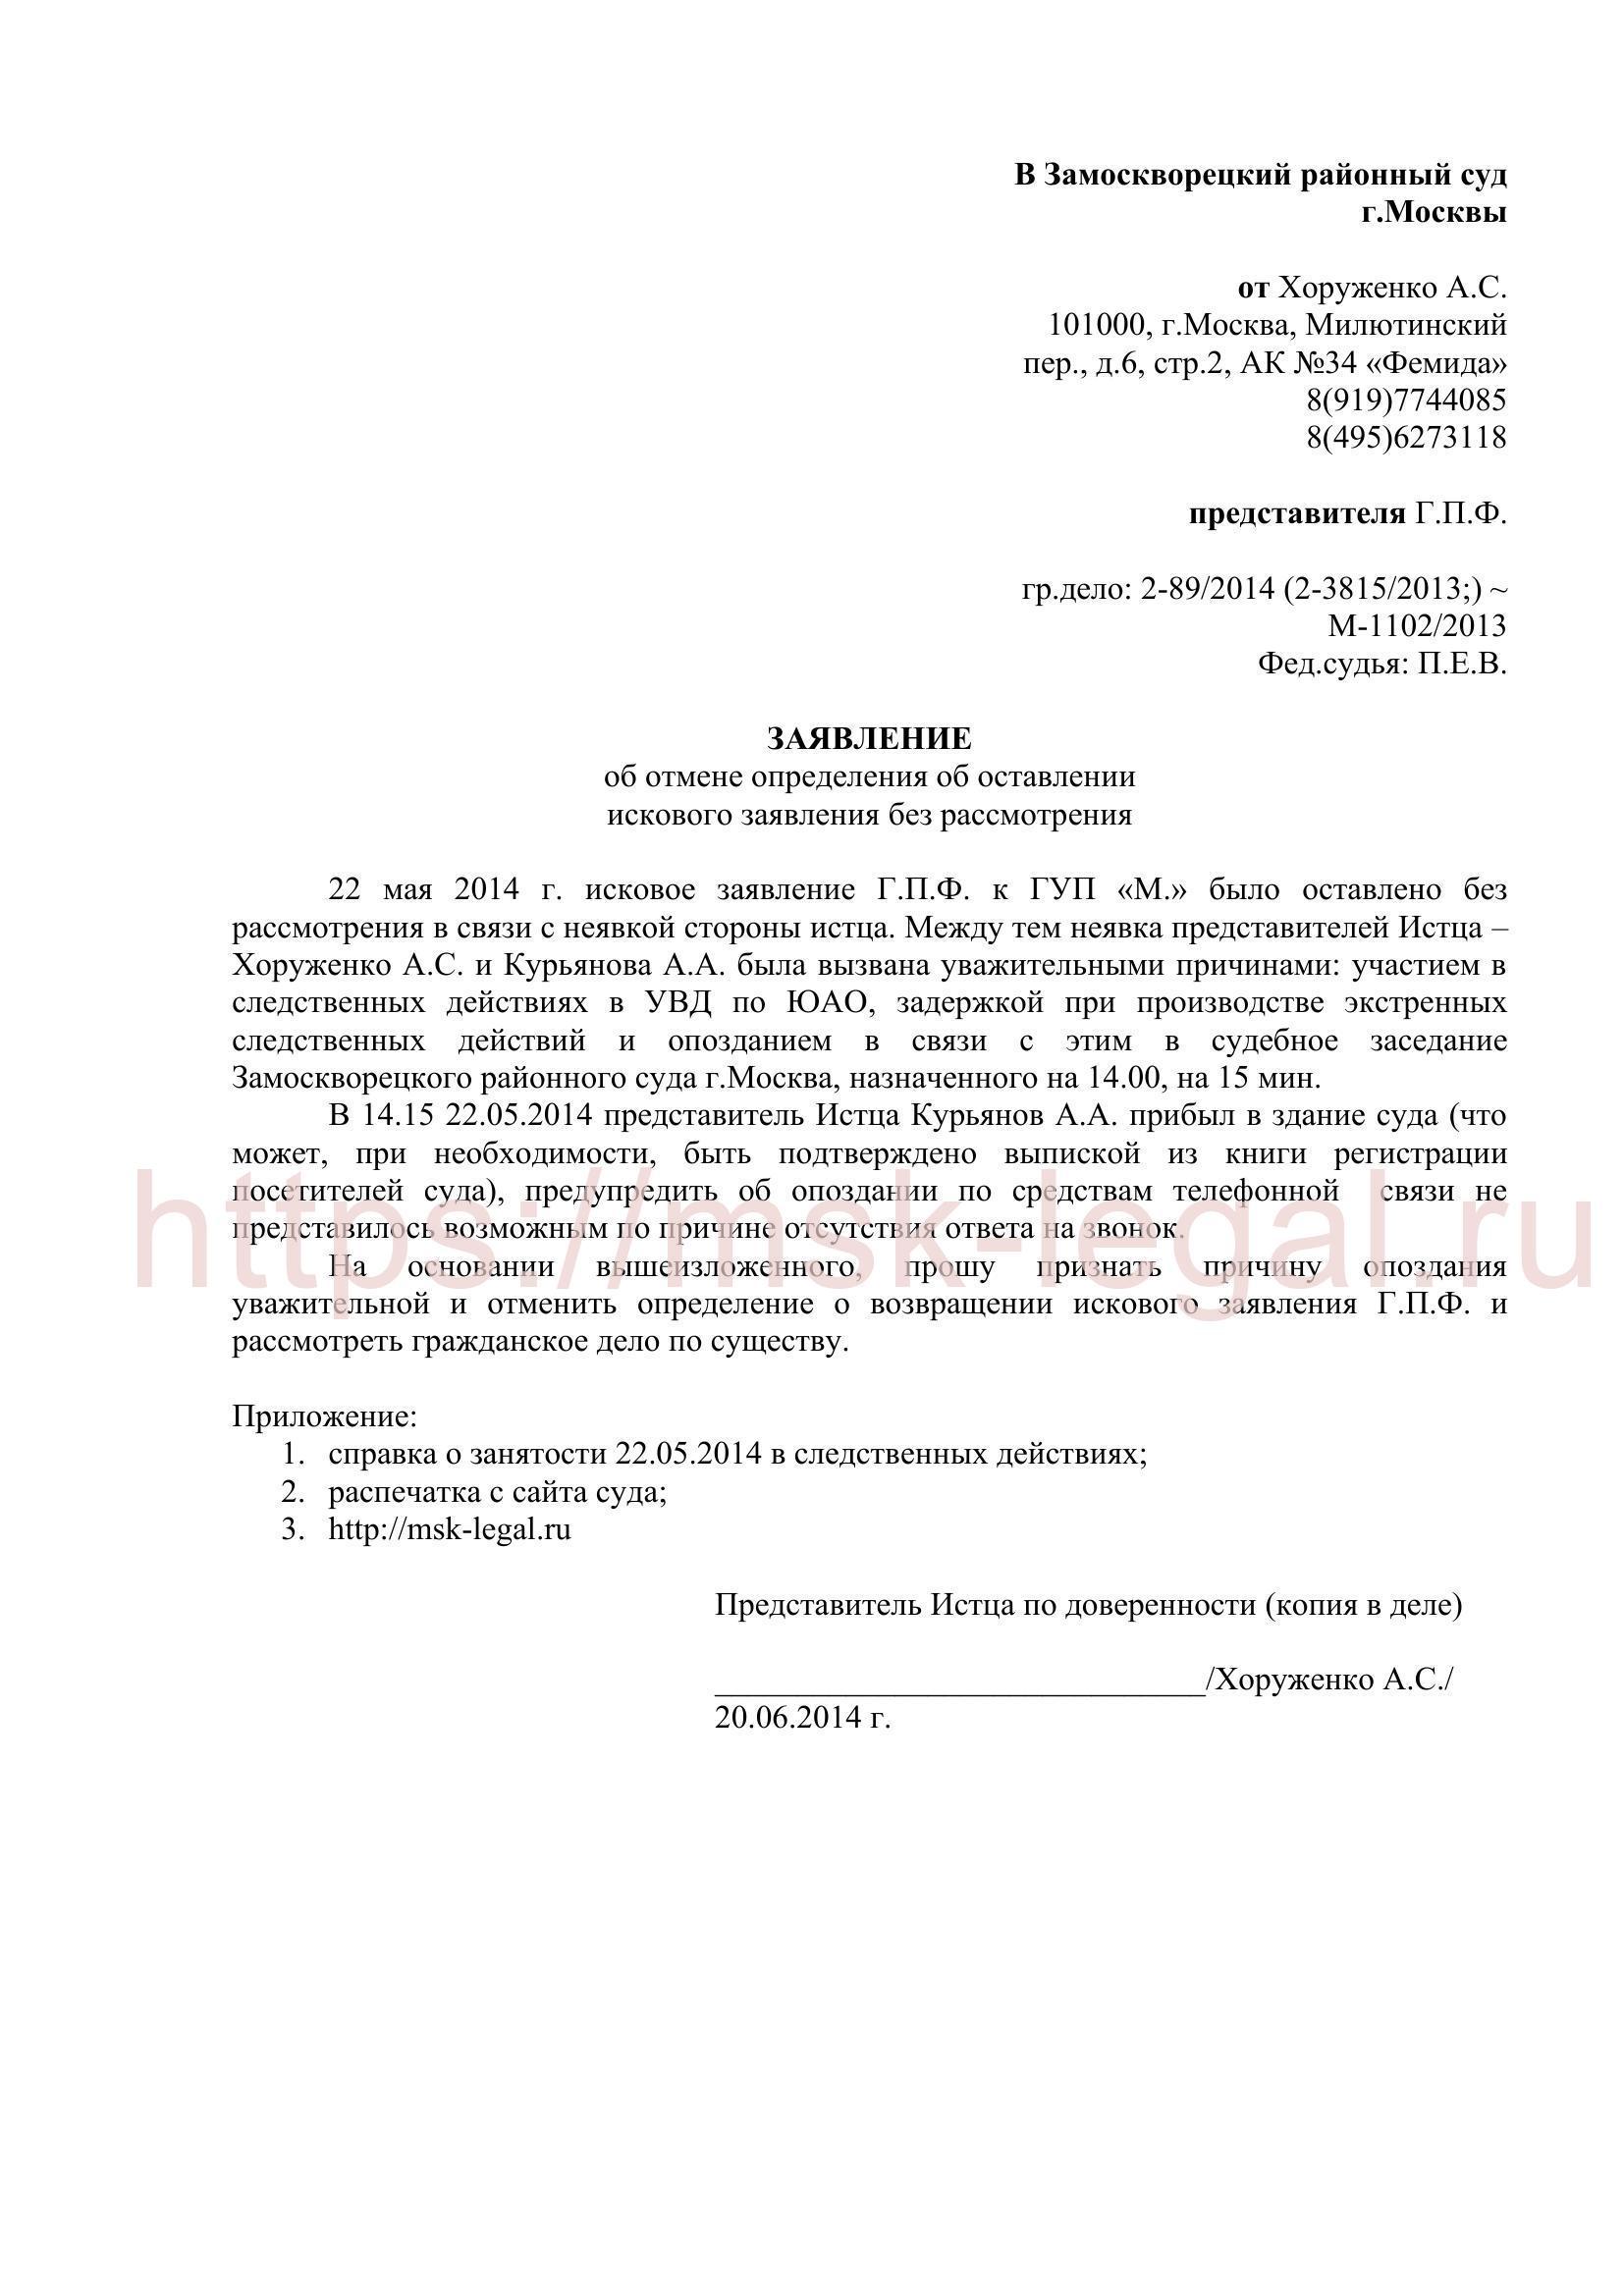 Заявление об отмене оставления иска без рассмотрения